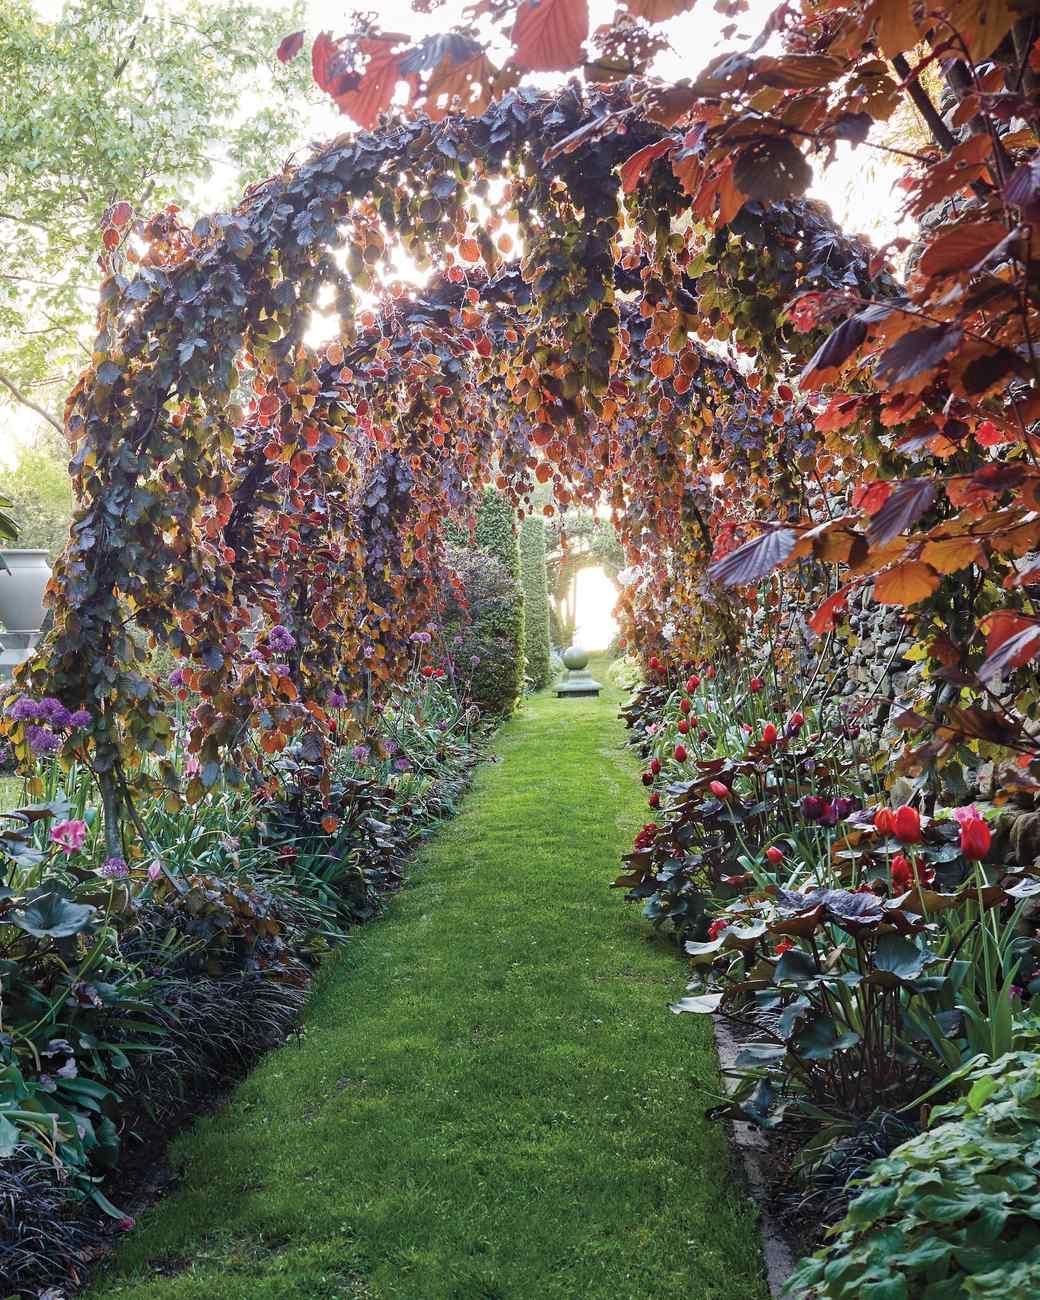 sakonnet-garden-rhode-island-0030-d112230-0216.jpg